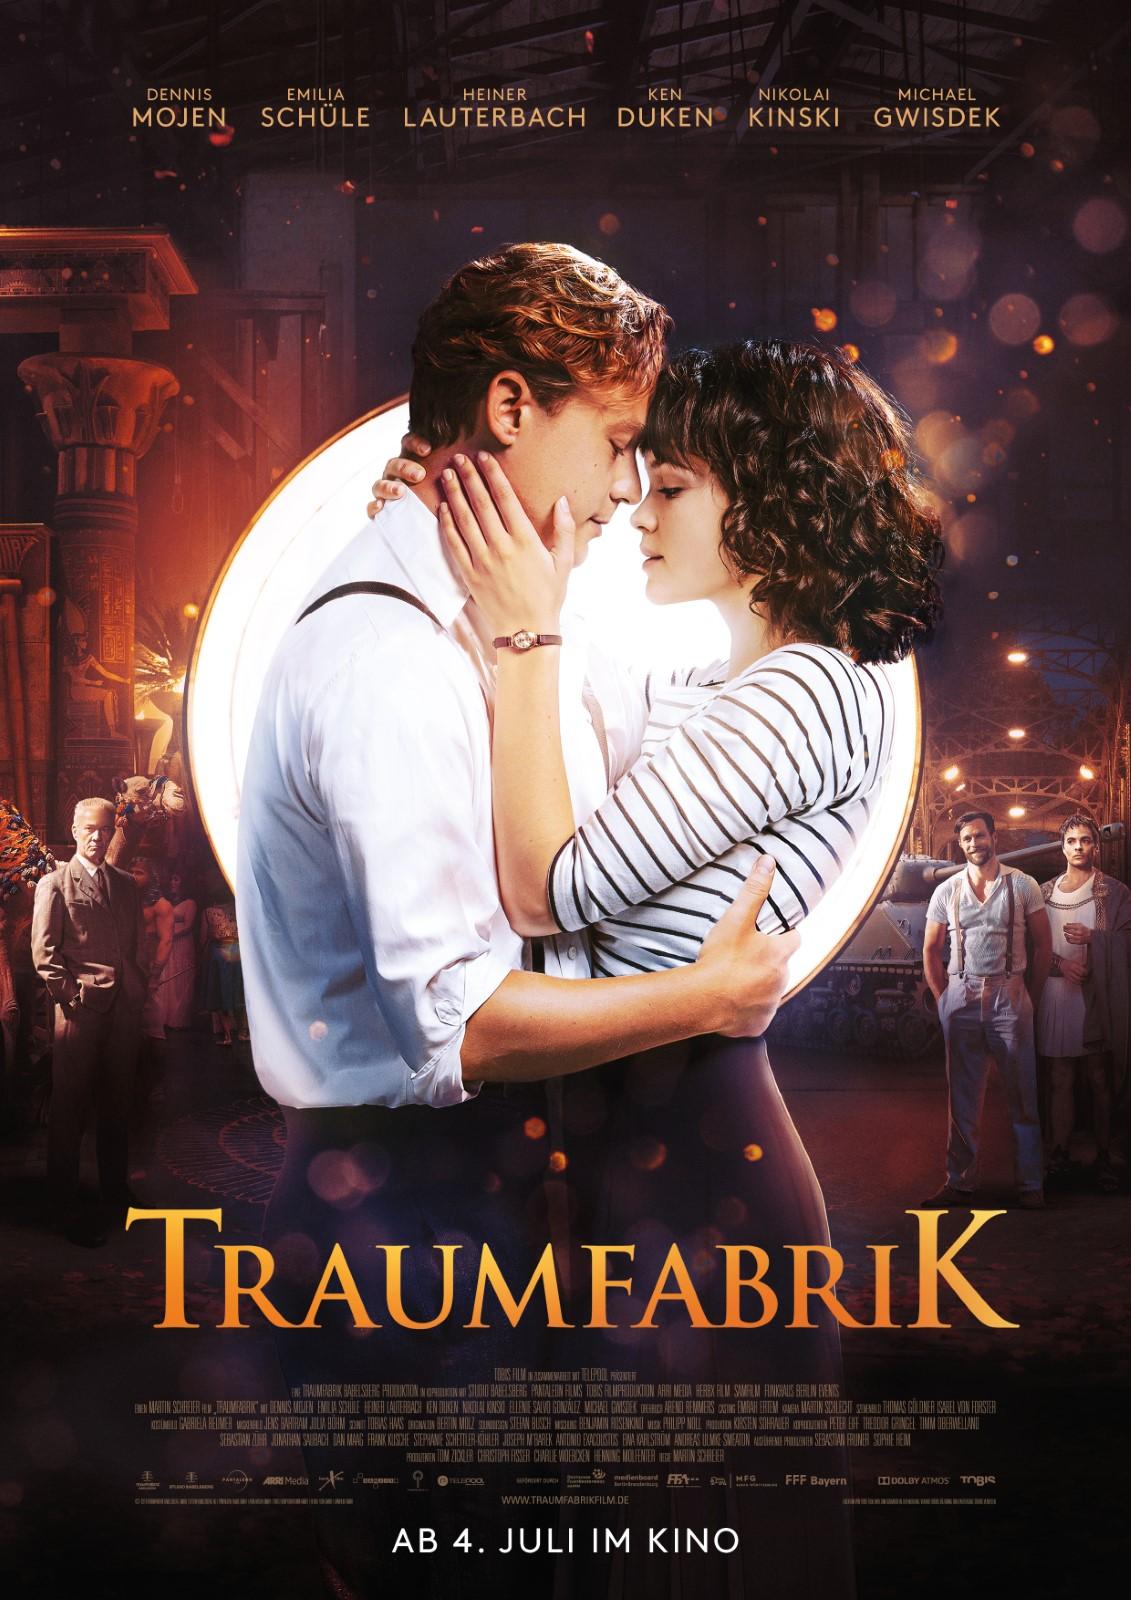 Traumfabrik Trailer